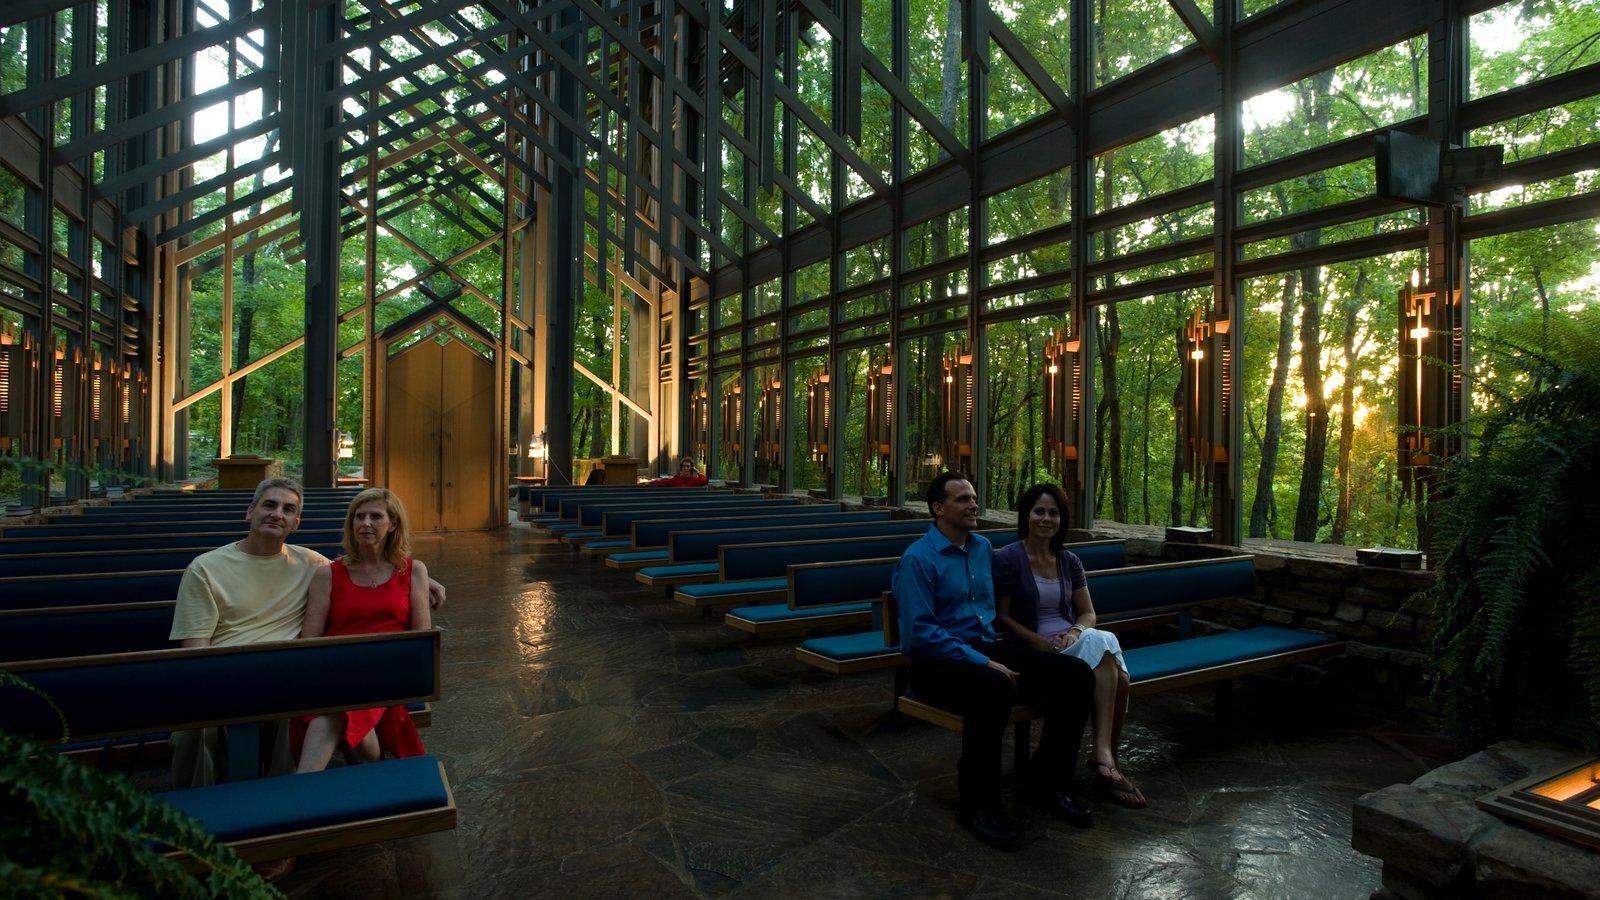 Thorncrown Chapel que inclui arquitetura moderna e vistas internas assim como um pequeno grupo de pessoas